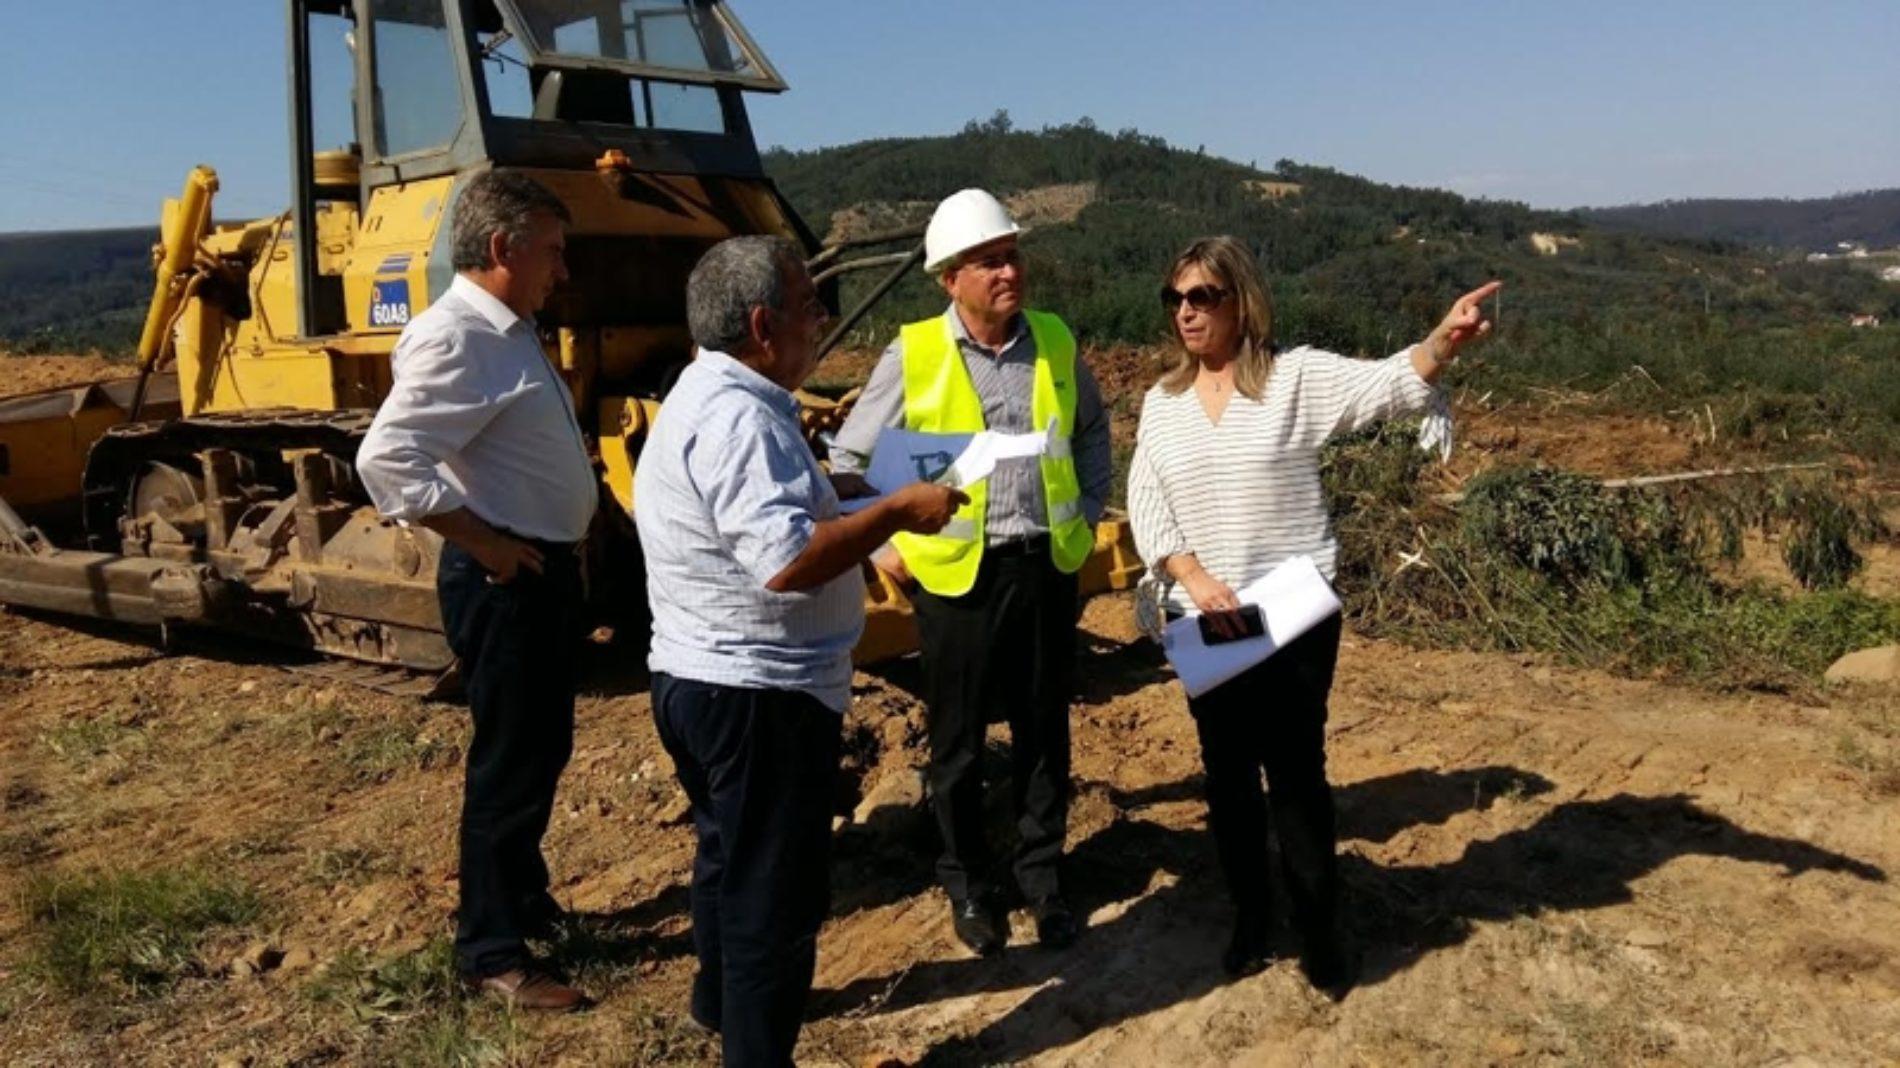 Câmara de Góis vai construir Parque Municipal